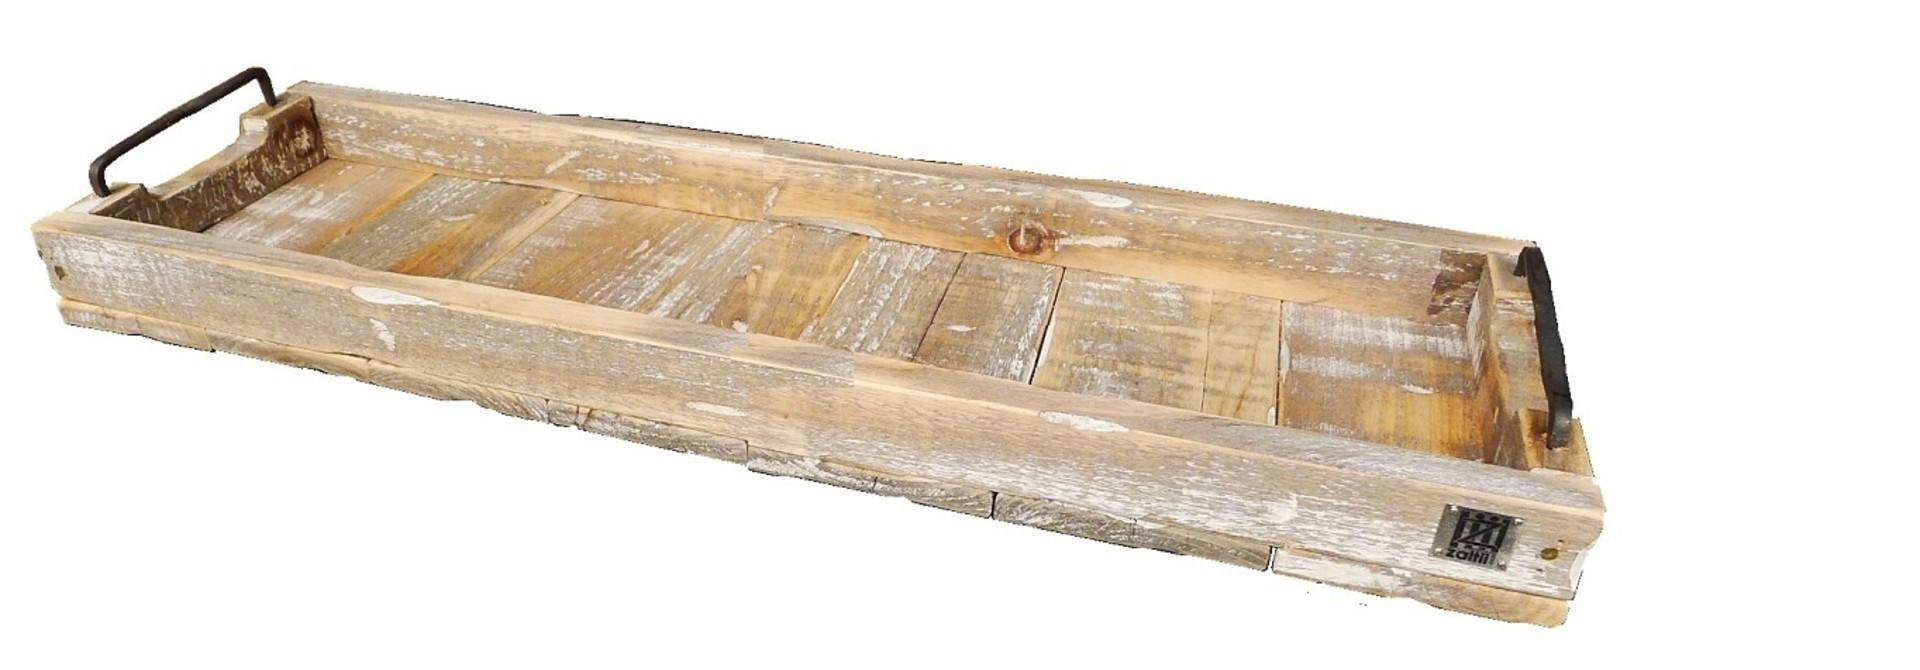 tray old dutch marianne 58/20